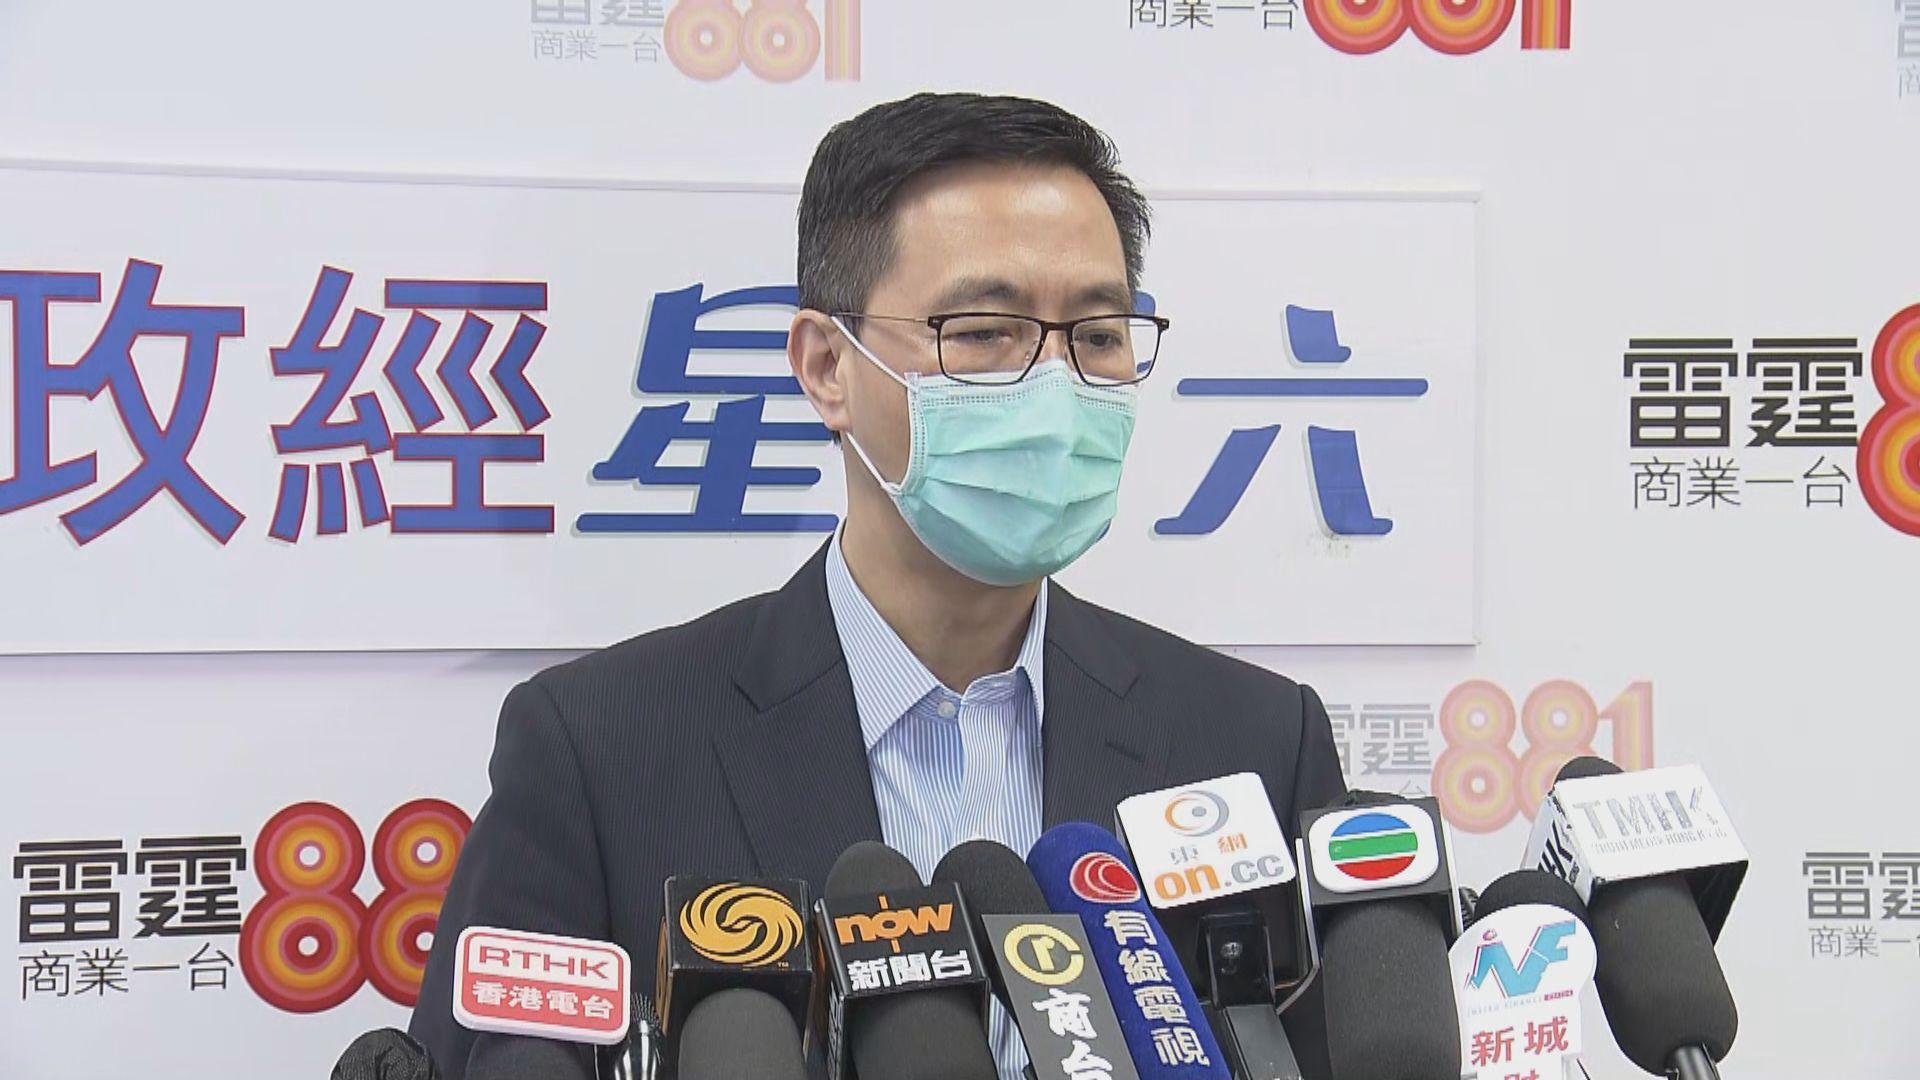 楊潤雄:捐出薪酬並非為了博取掌聲